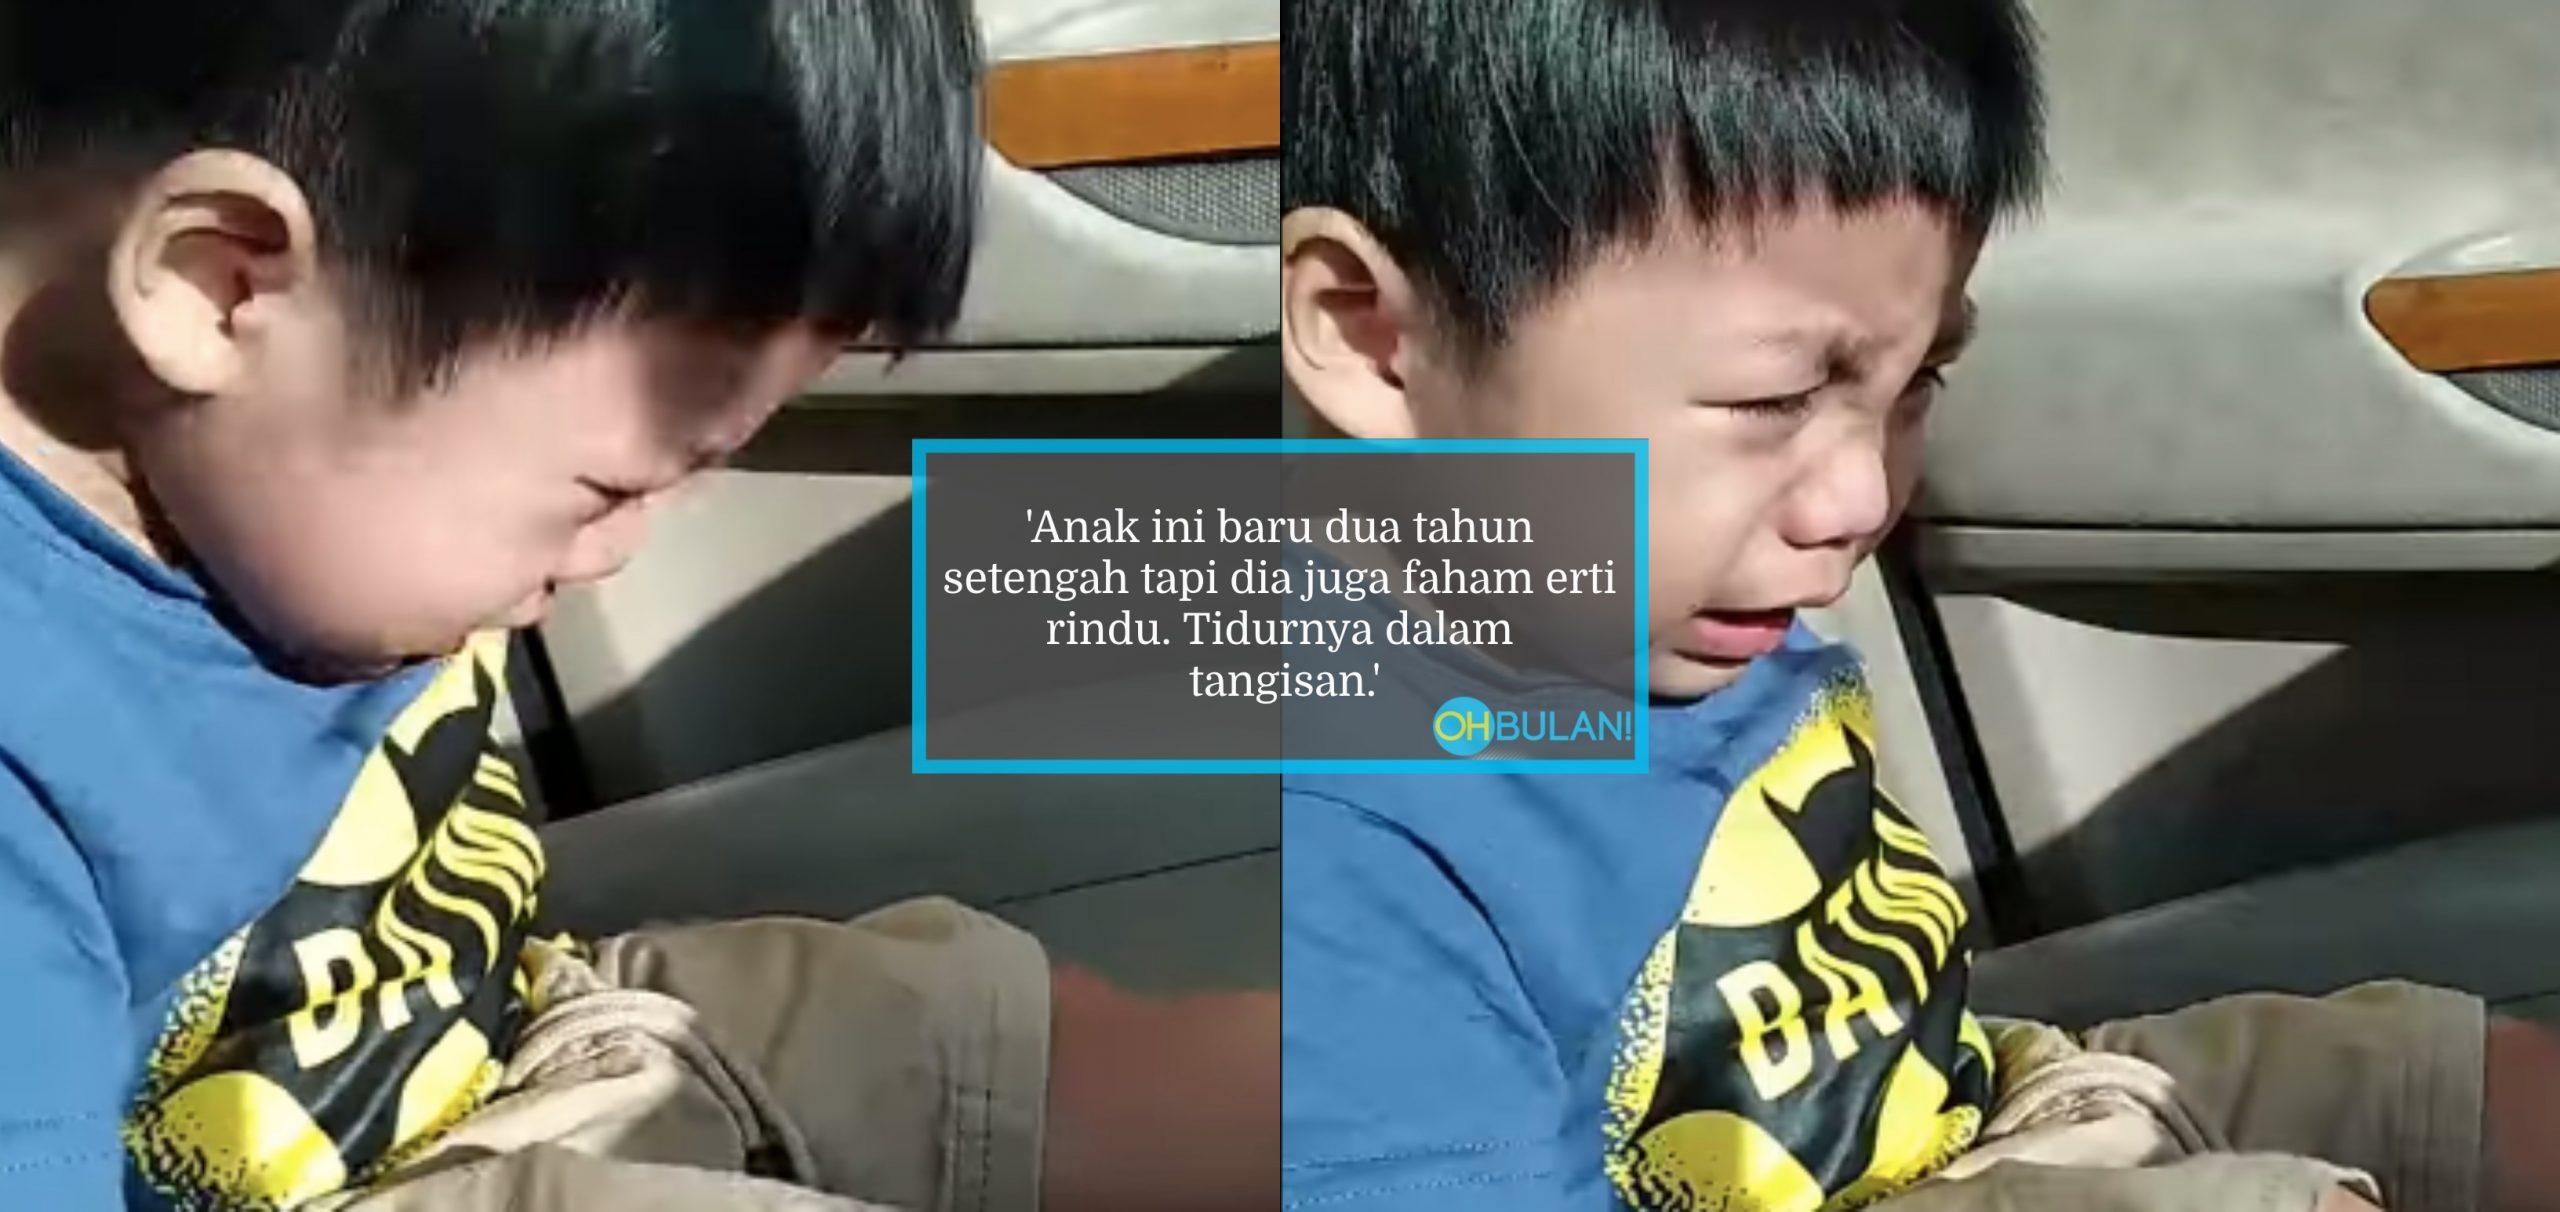 [VIDEO] 'Ibu..Ibu Pergi Mana' – Terkandas 2 Bulan Akibat PJJ, Anak Menangis Rindu Ibu Bikin Sebak